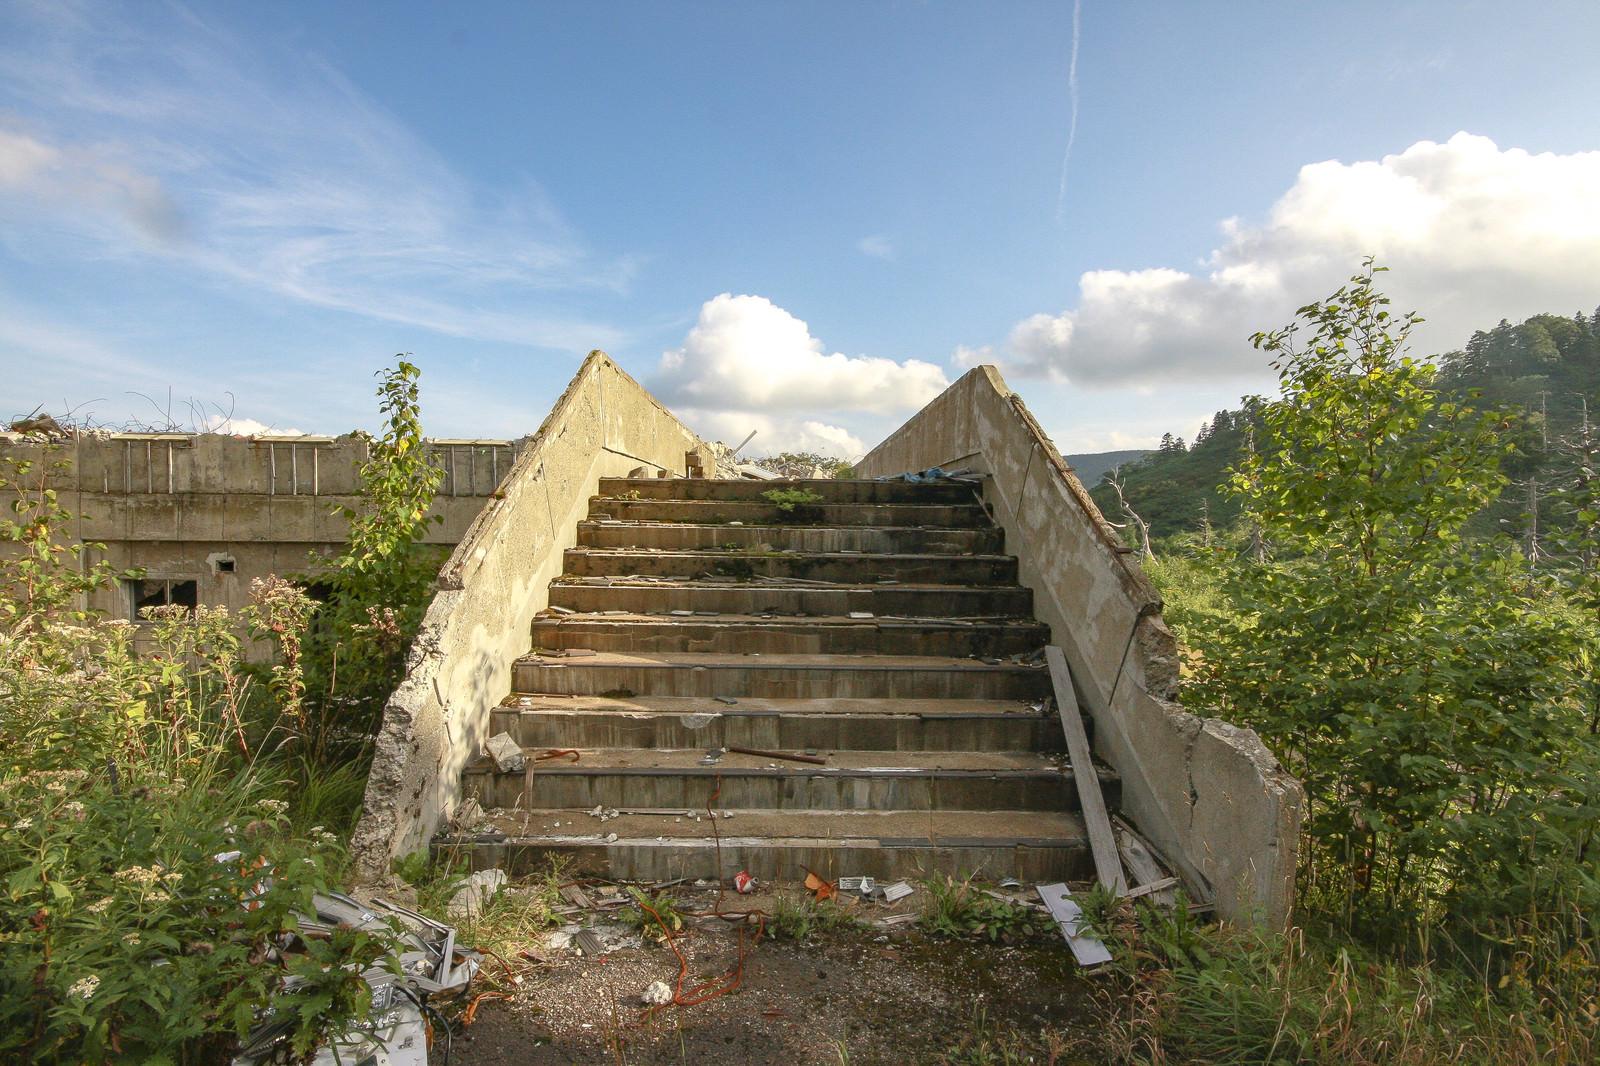 「空と廃屋の階段空と廃屋の階段」のフリー写真素材を拡大